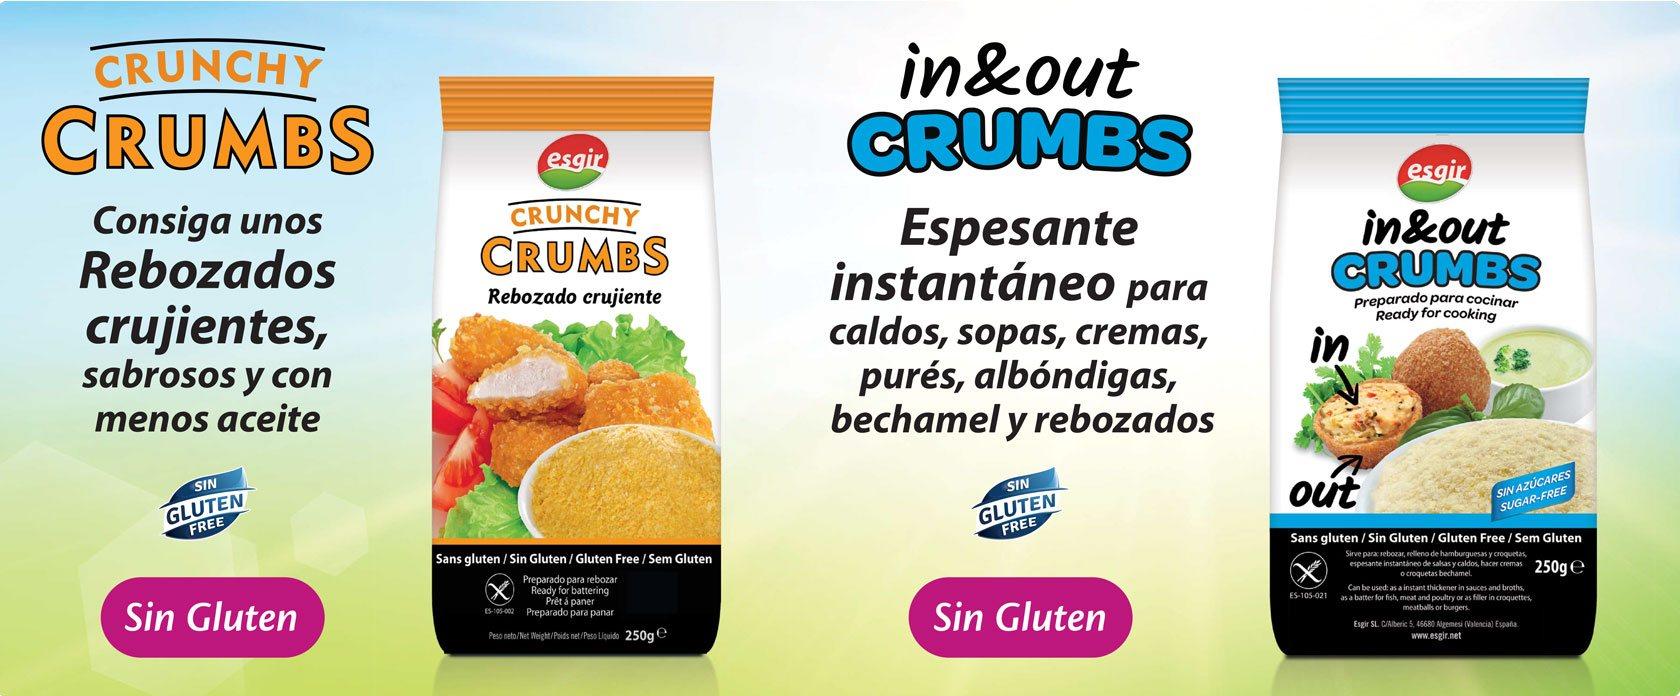 Crunchy crumbs rebozados crujientes esgir cereales for Cocinar quinoa hinchada